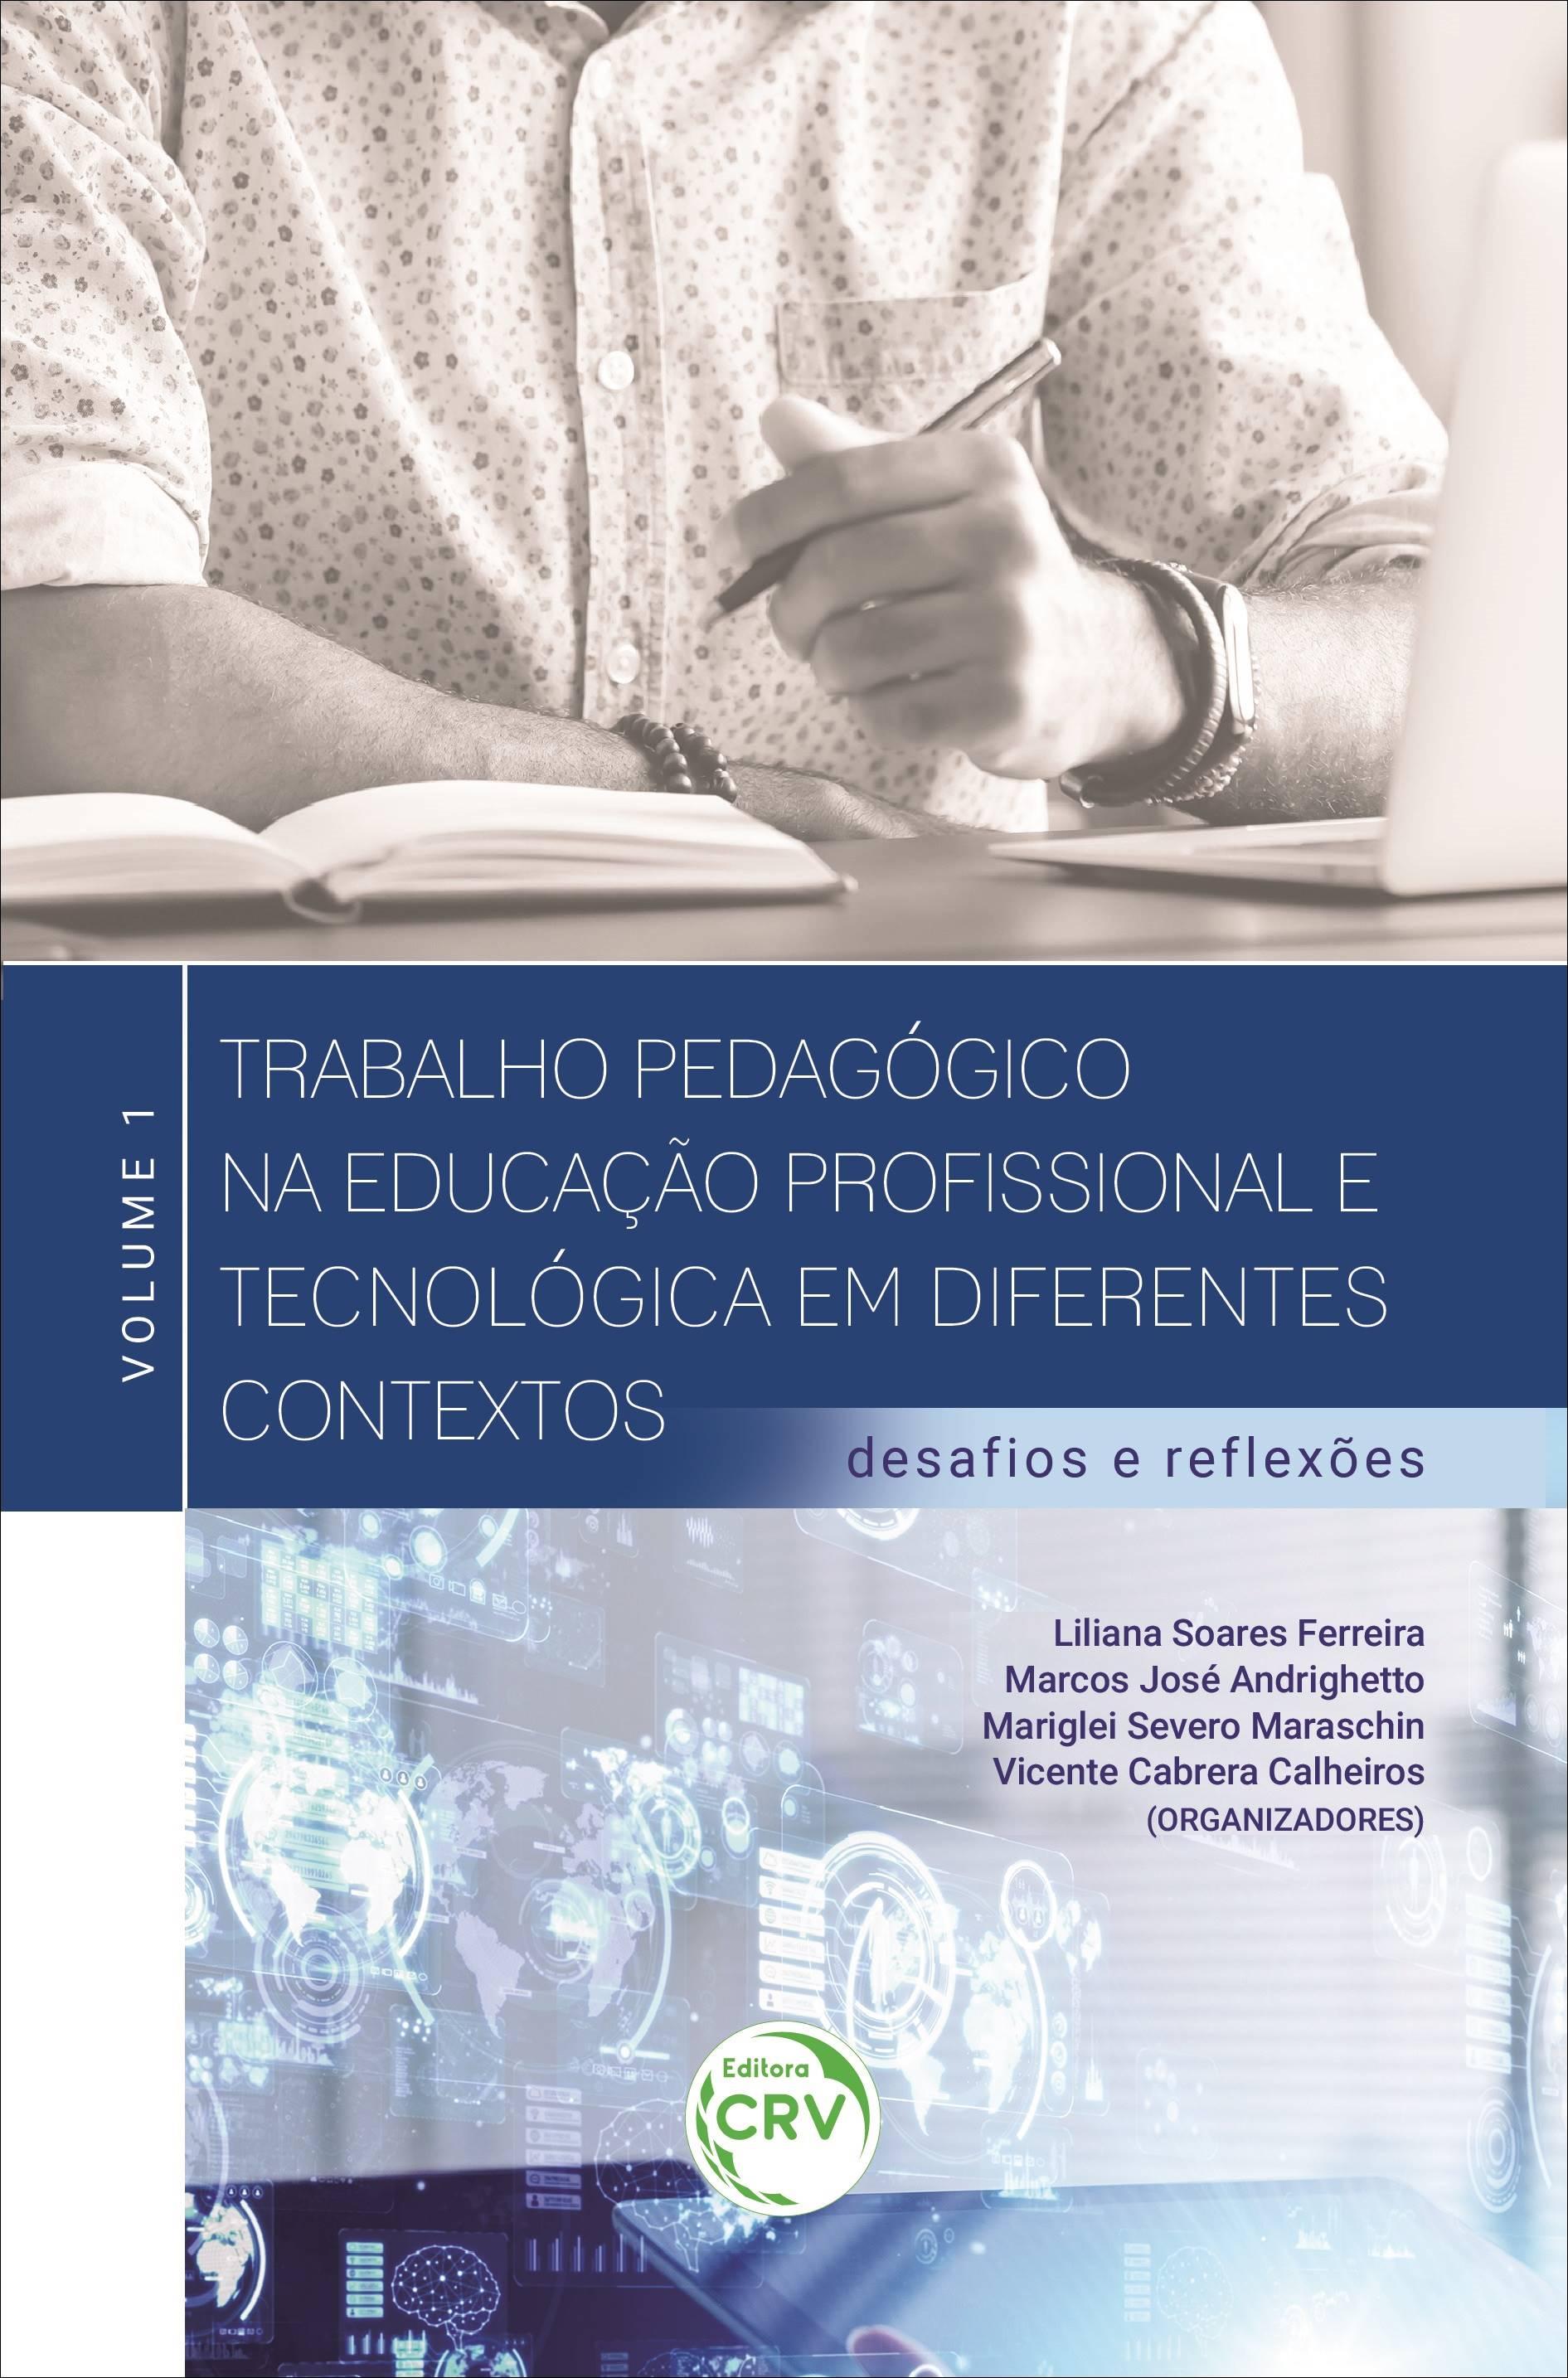 Capa do livro: TRABALHO PEDAGÓGICO NA EDUCAÇÃO PROFISSIONAL E TECNOLÓGICA EM DIFERENTES CONTEXTOS: <br>desafios e reflexões ‒ volume 1